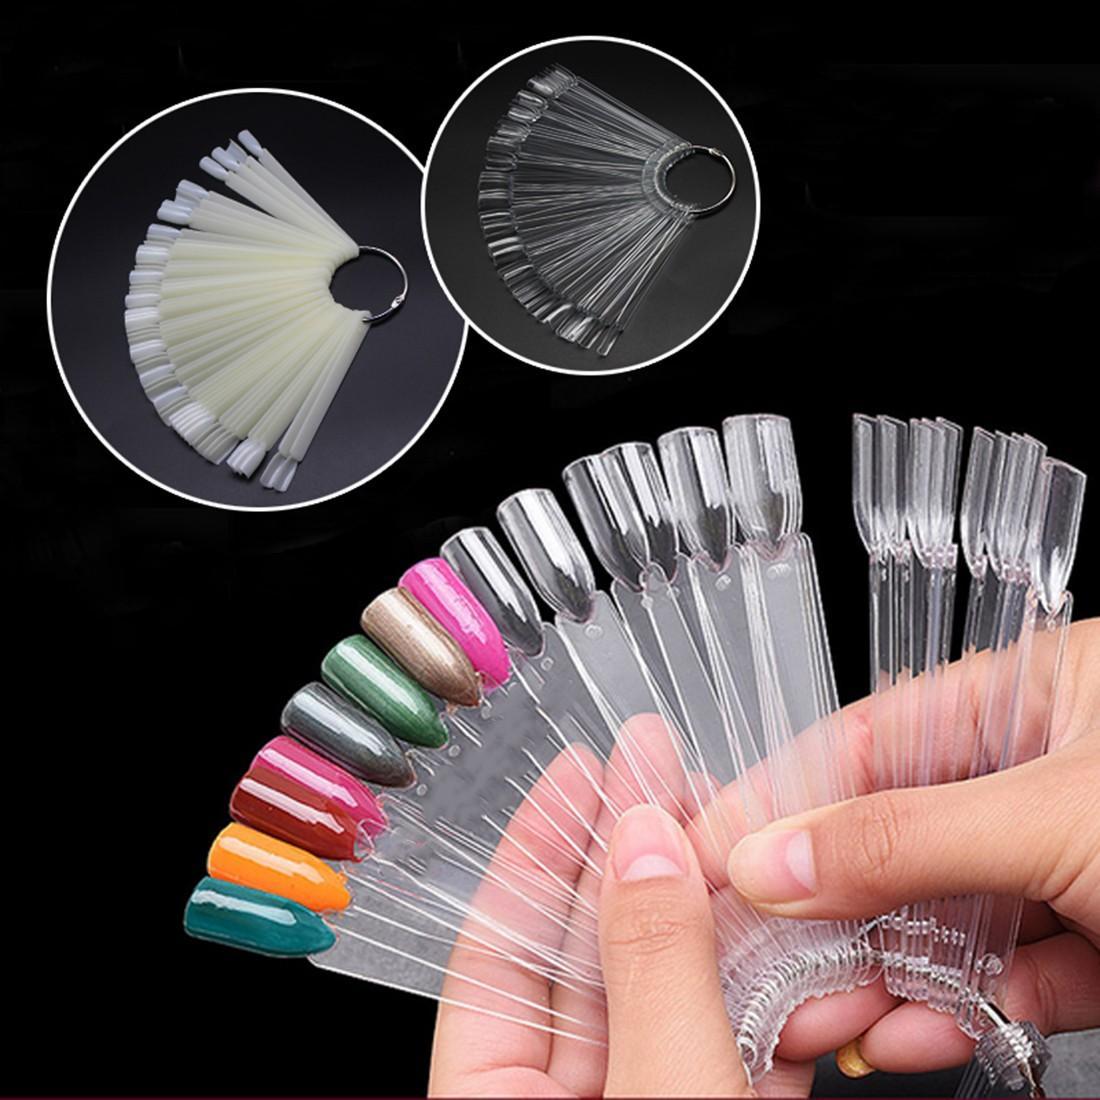 Natural / Sereno punte false del chiodo tabellone a forma di ventaglio acrilico UV polacco di carte a colori del manicure Strumenti Nail pratica artistica